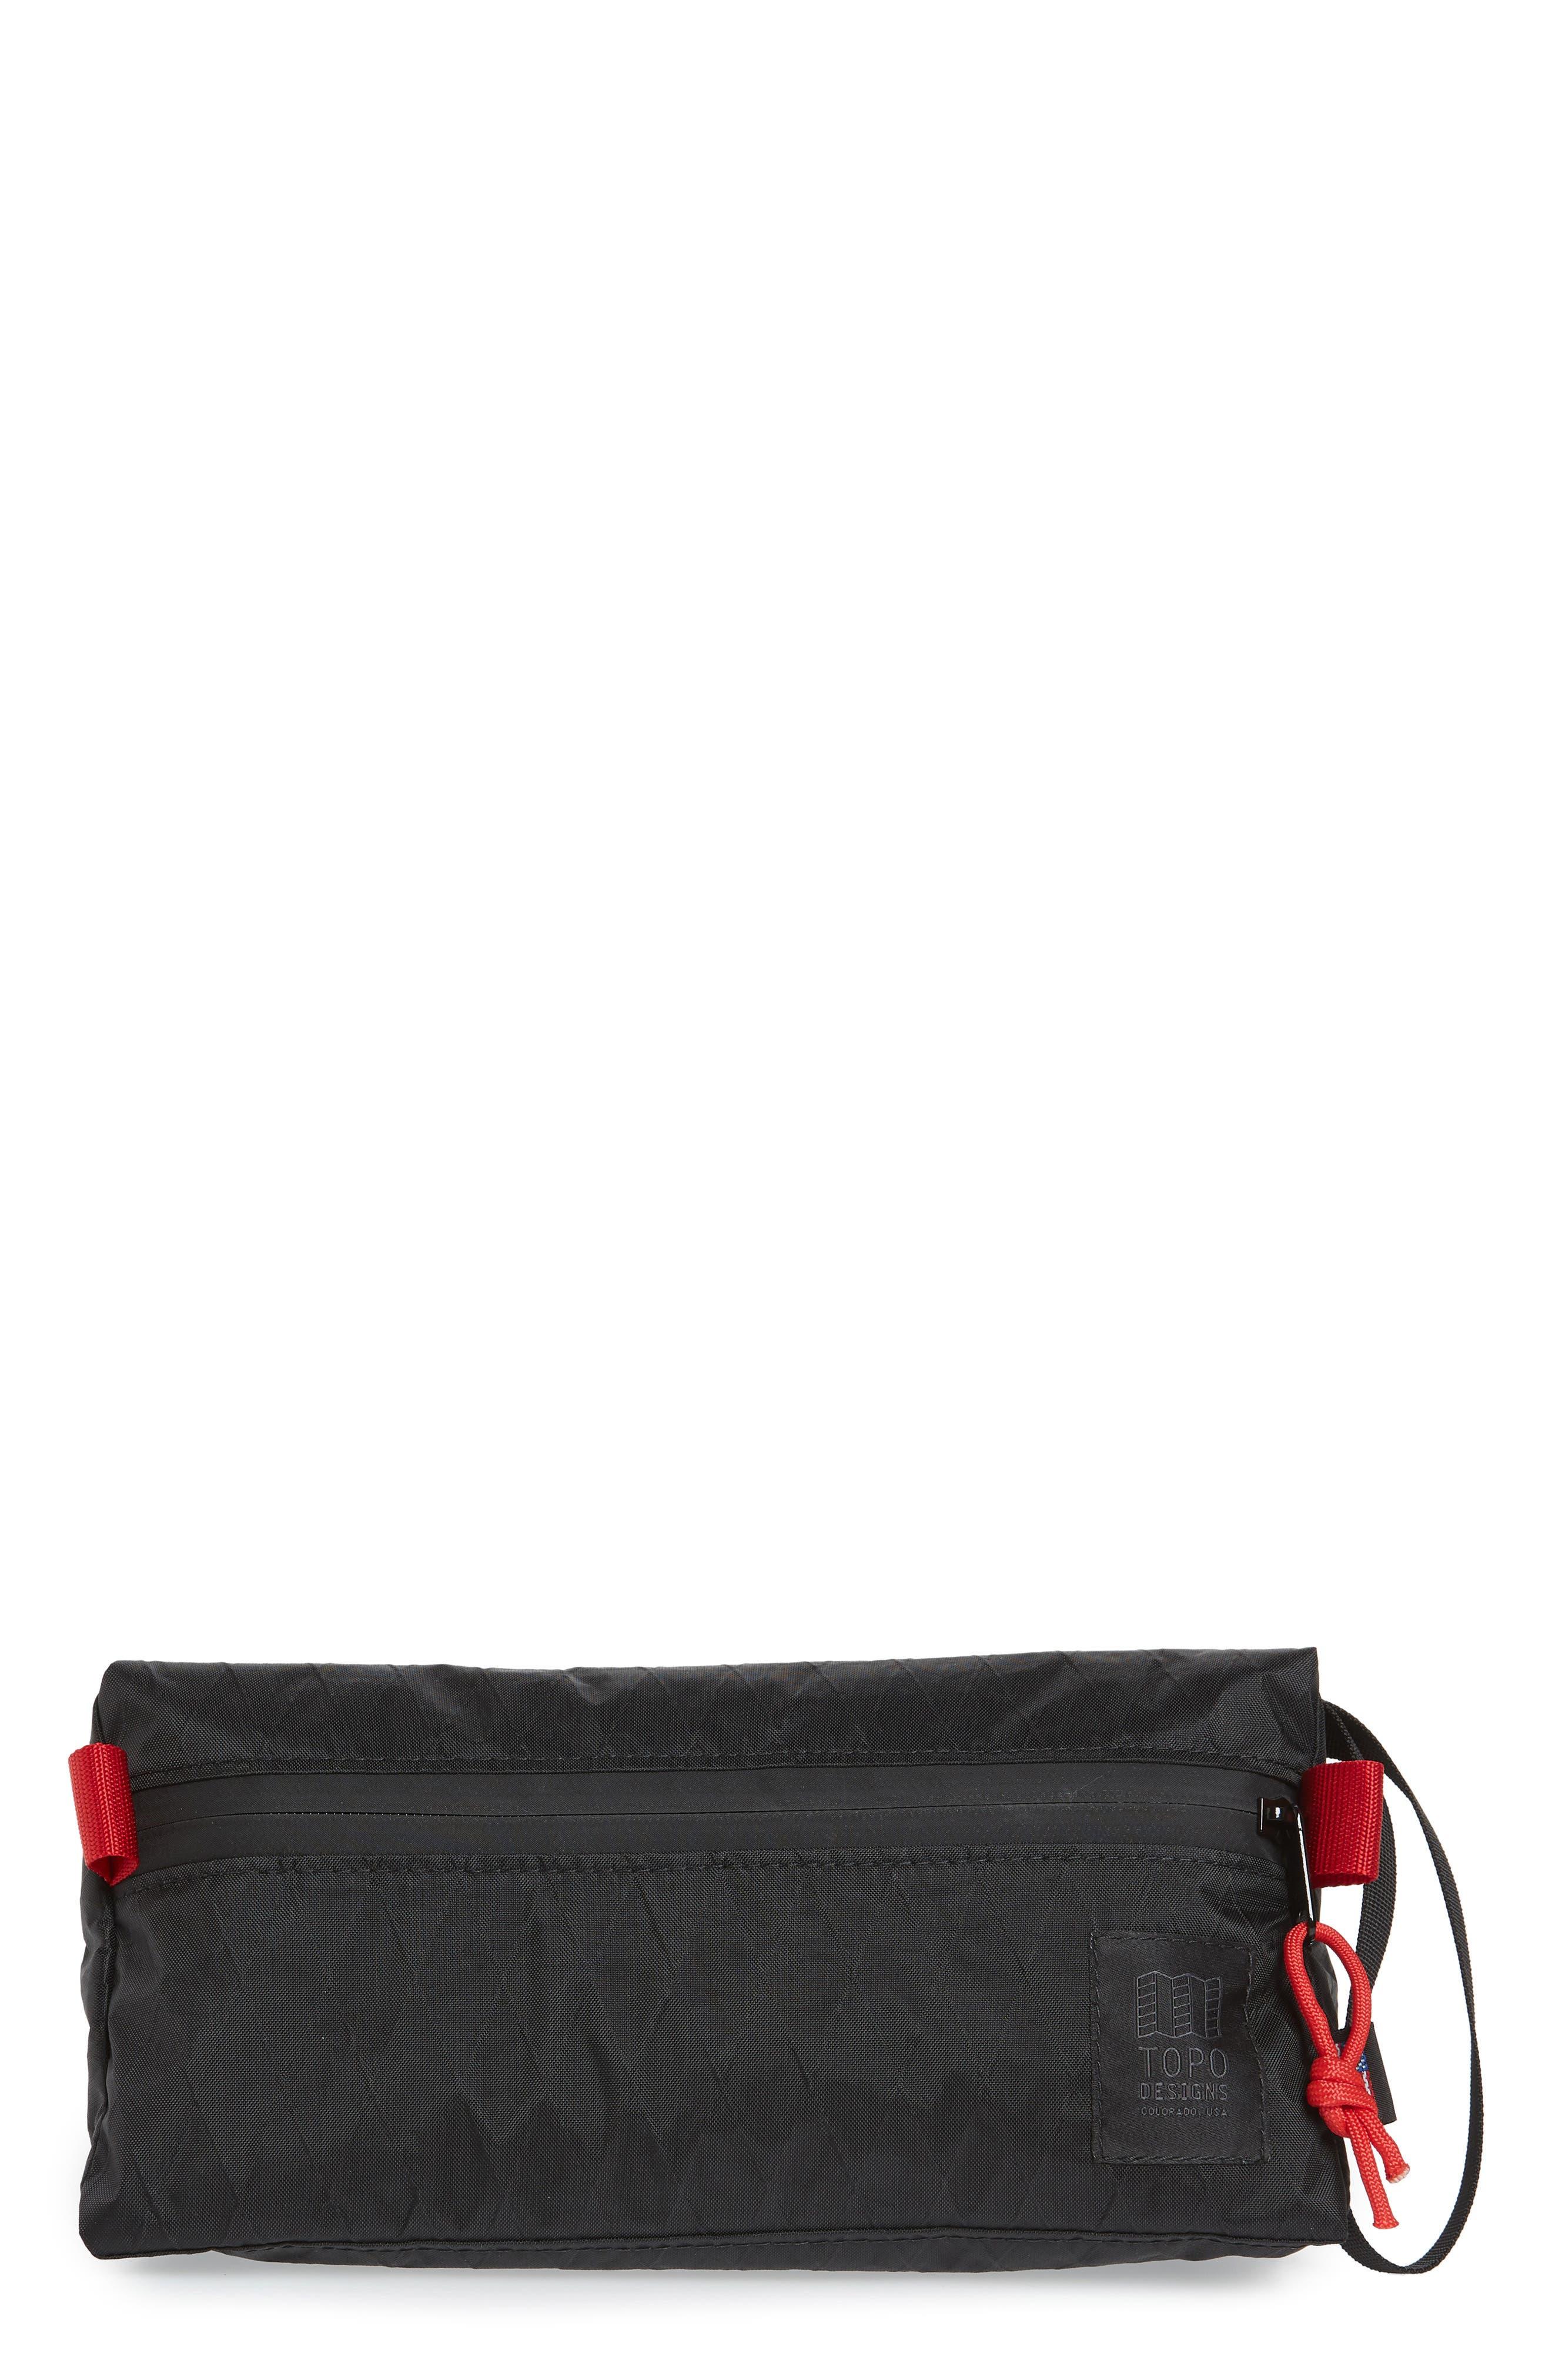 X-Pac Dopp Kit,                         Main,                         color, X-PAC BLACK